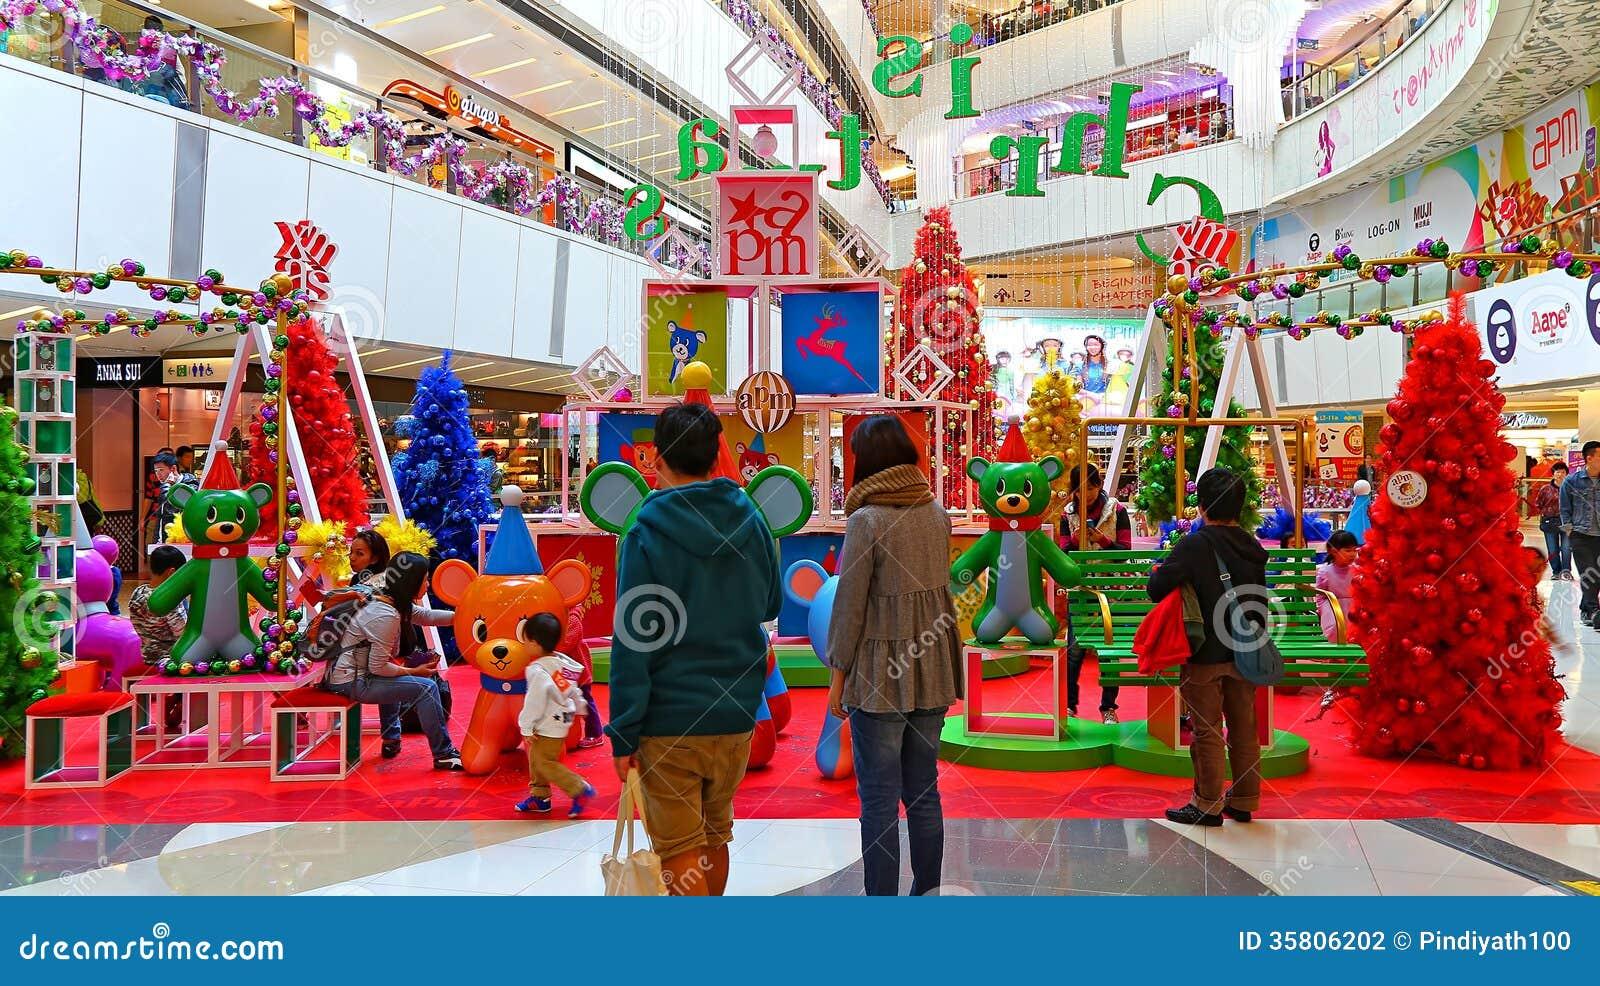 #B2191C Décoration De Noël Au Centre Commercial Photographie  5363 decorations de noel centre commercial 1300x818 px @ aertt.com